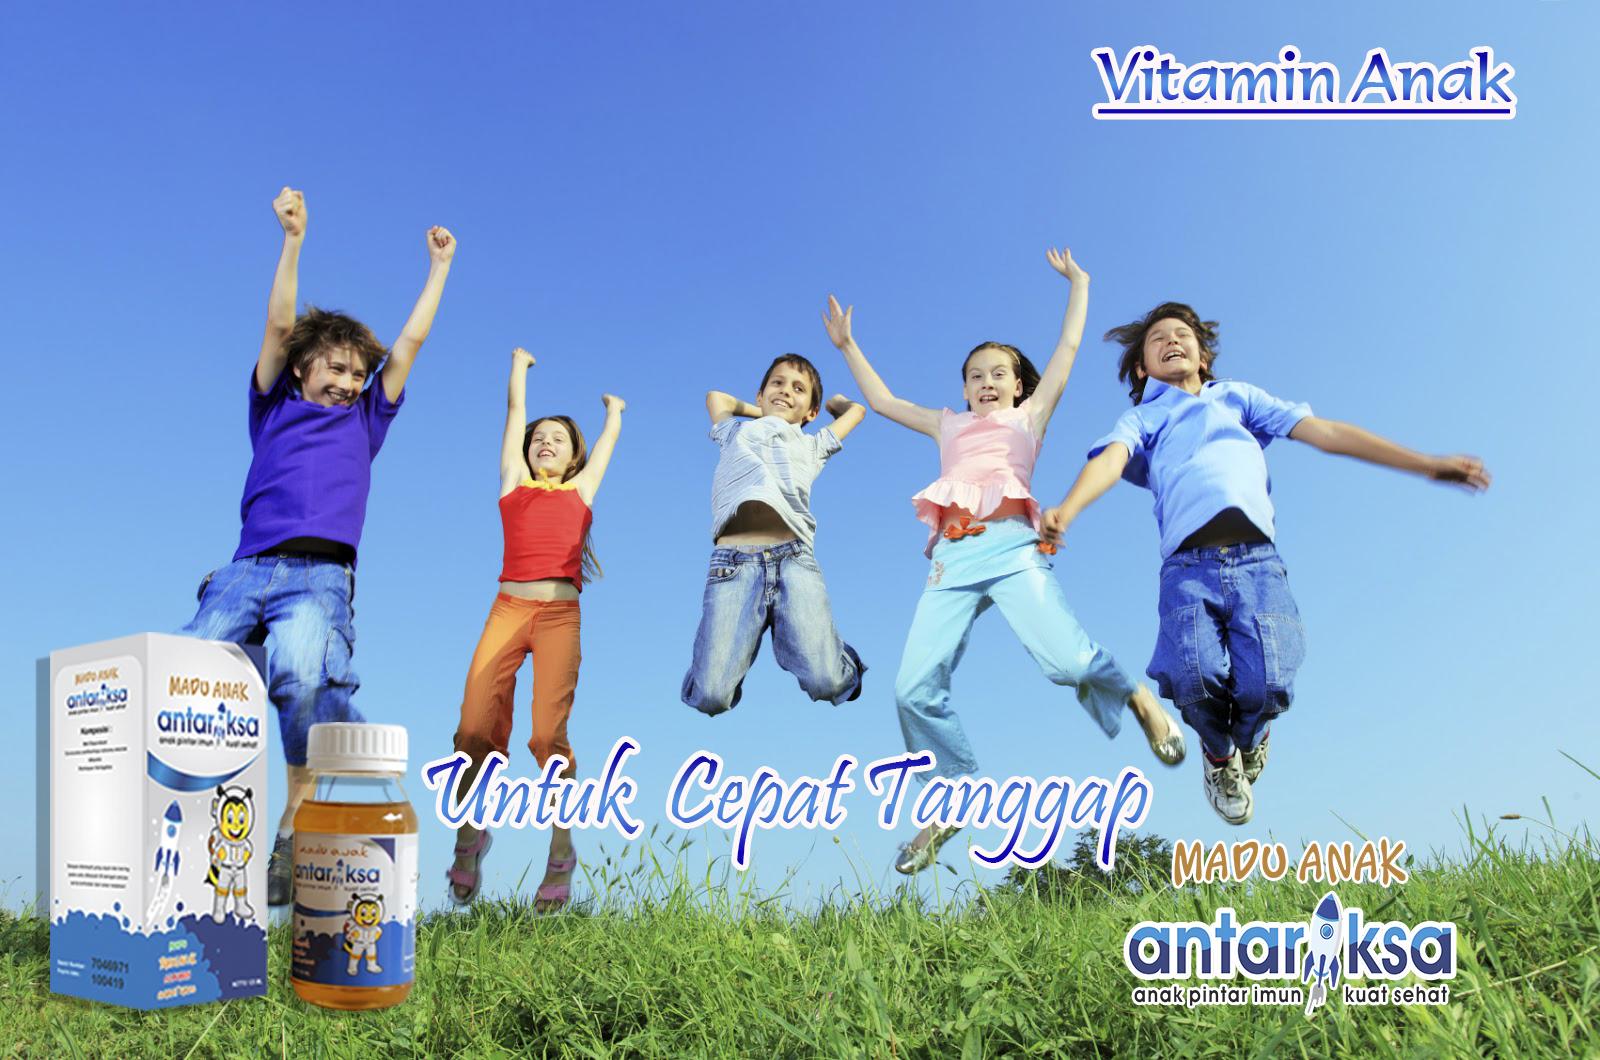 Vitamin Anak Untuk Cepat Tanggap